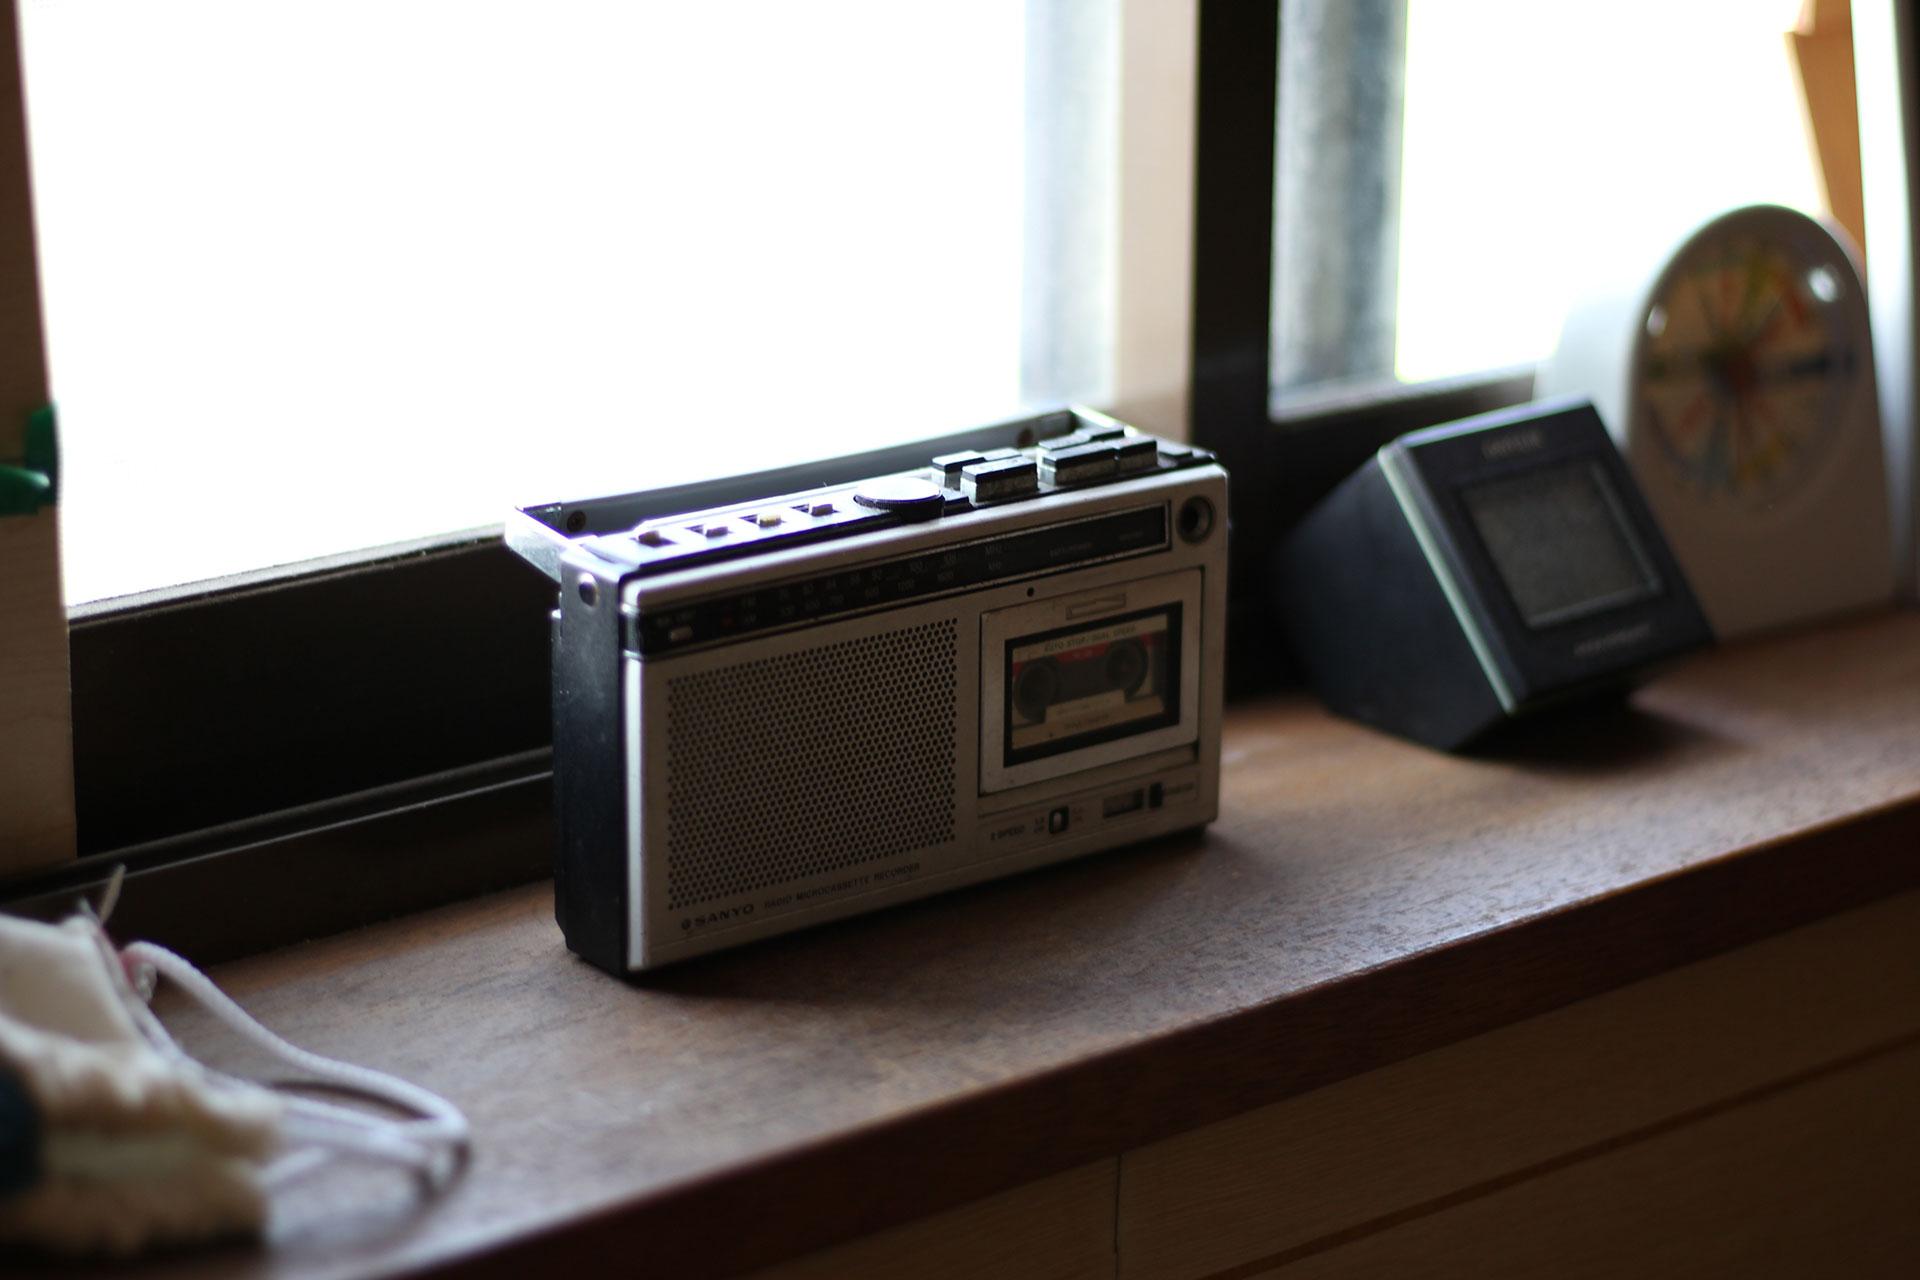 自宅のSANYO製ラジオ